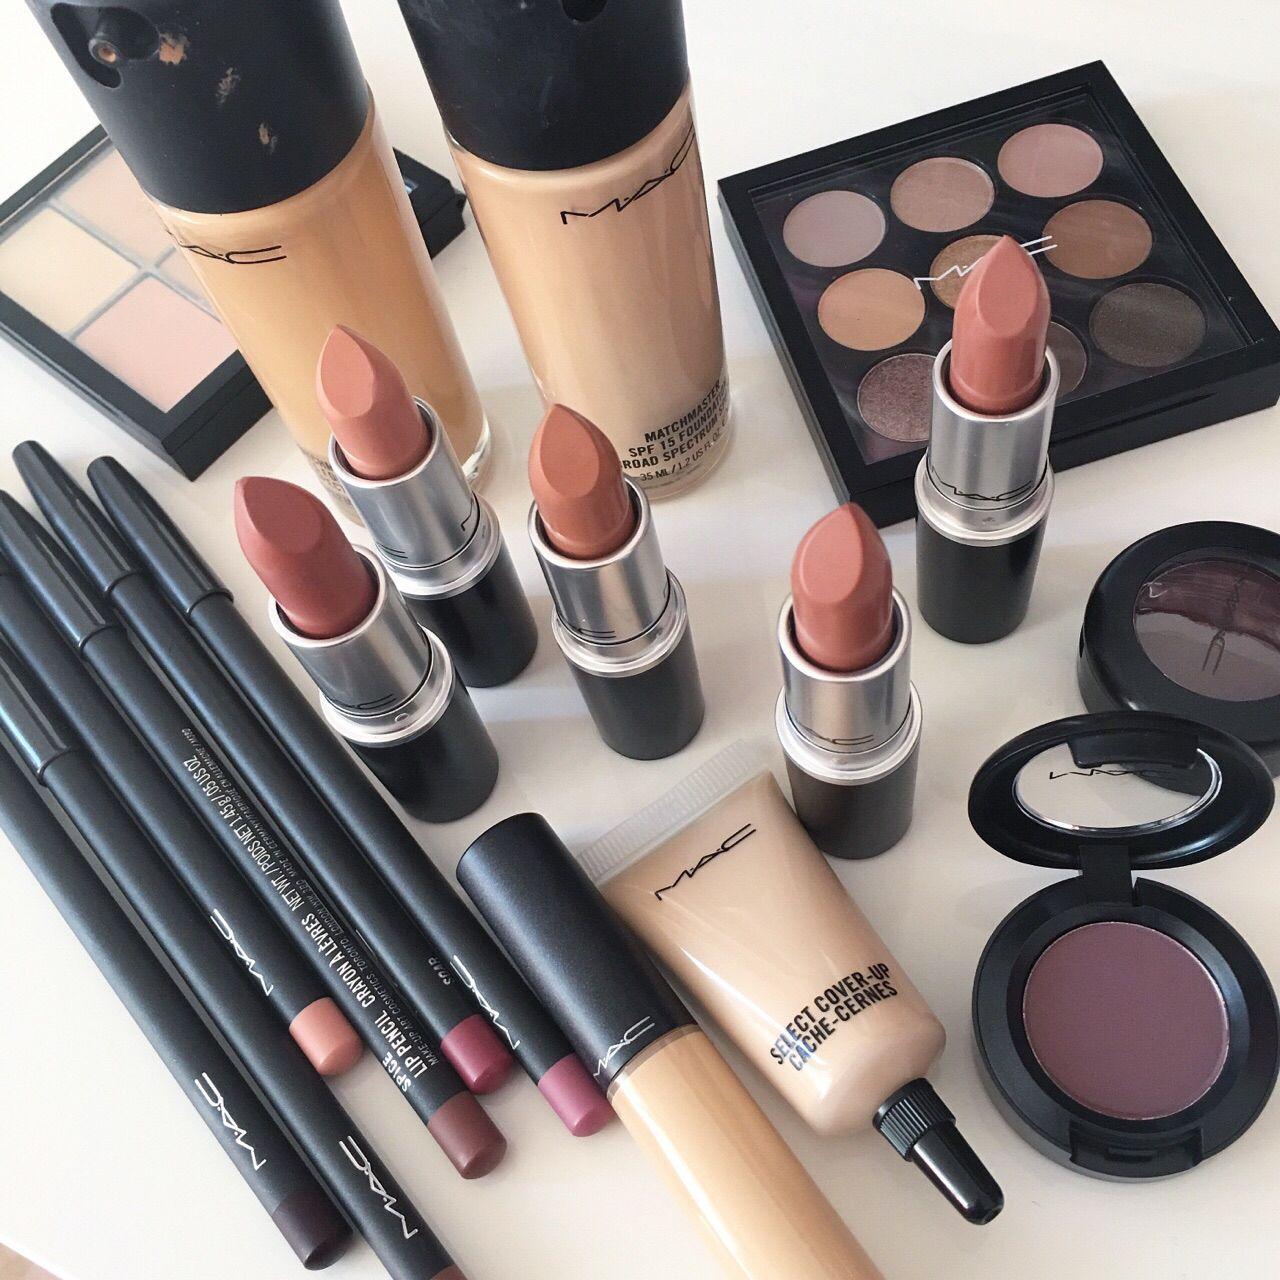 Pin by ♛Kaybirdy on mαkєup vαnítч | Mac makeup, Makeup ...